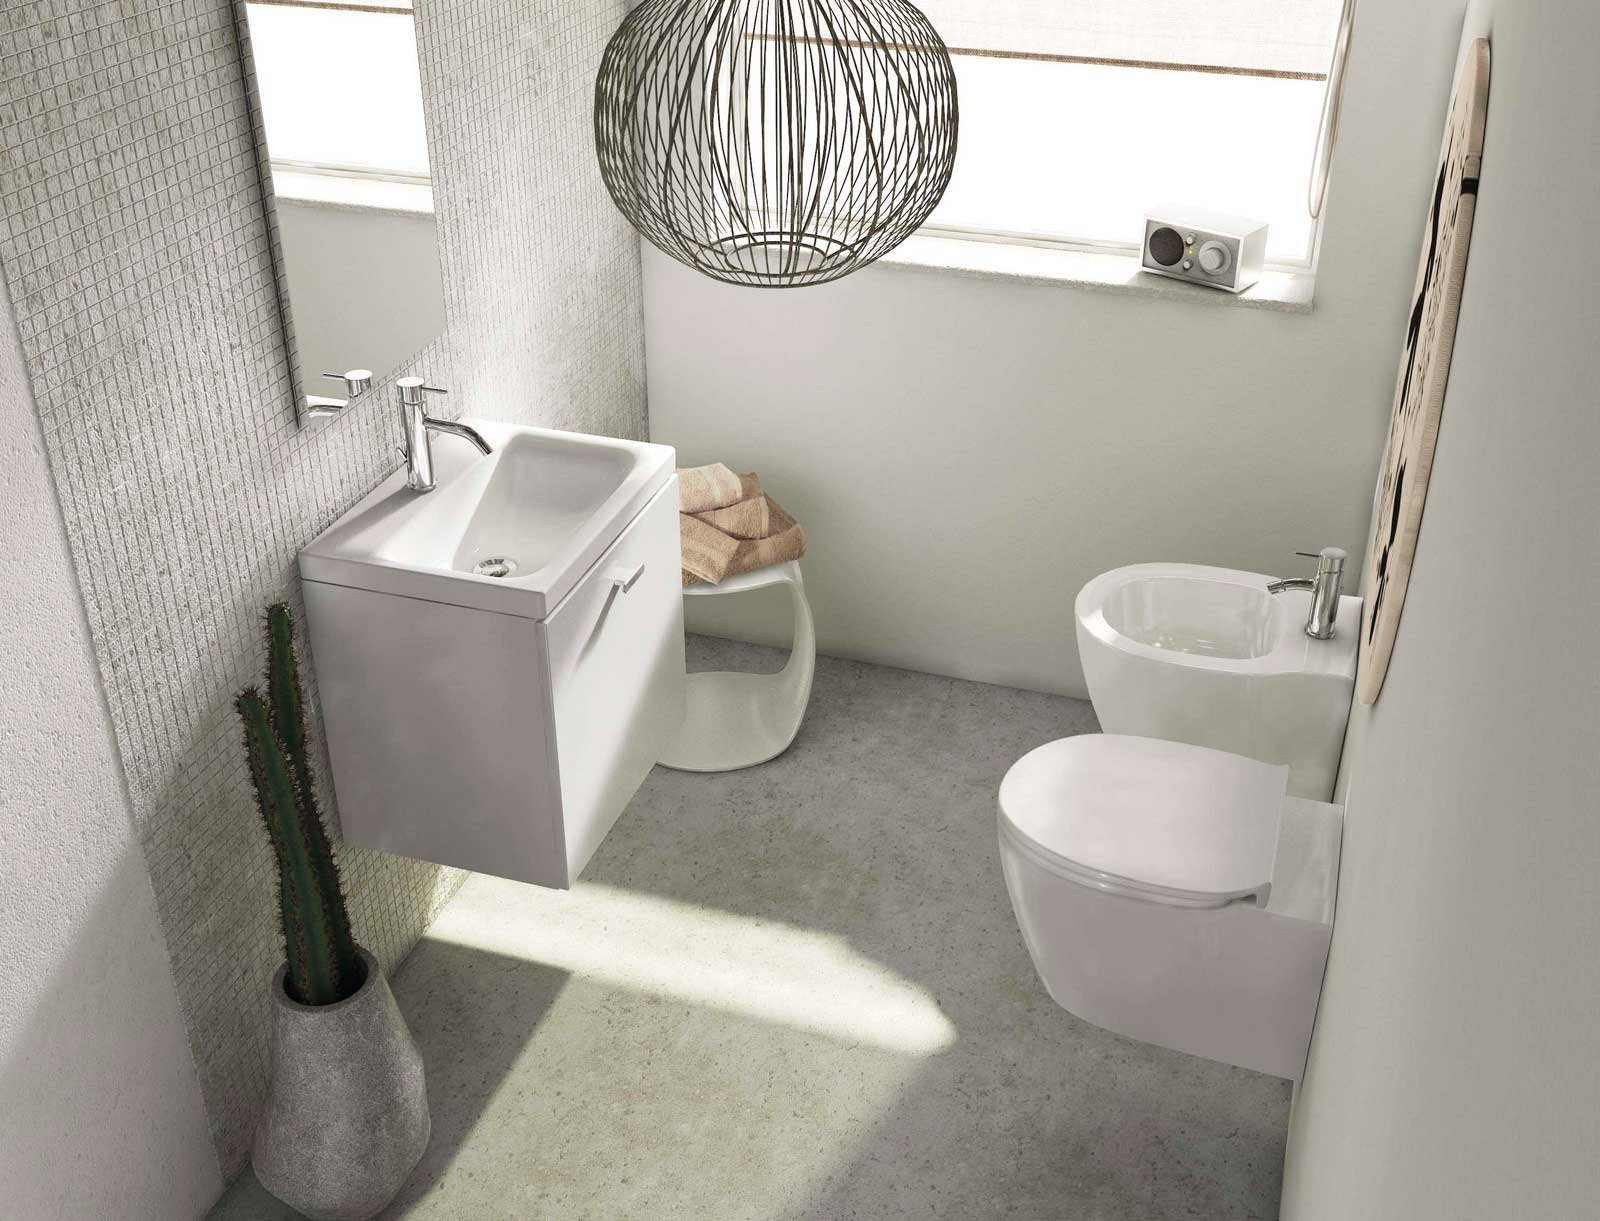 Mobili lavabo piccoli per risparmiare centimetri preziosi for Piccoli piani di casa francese